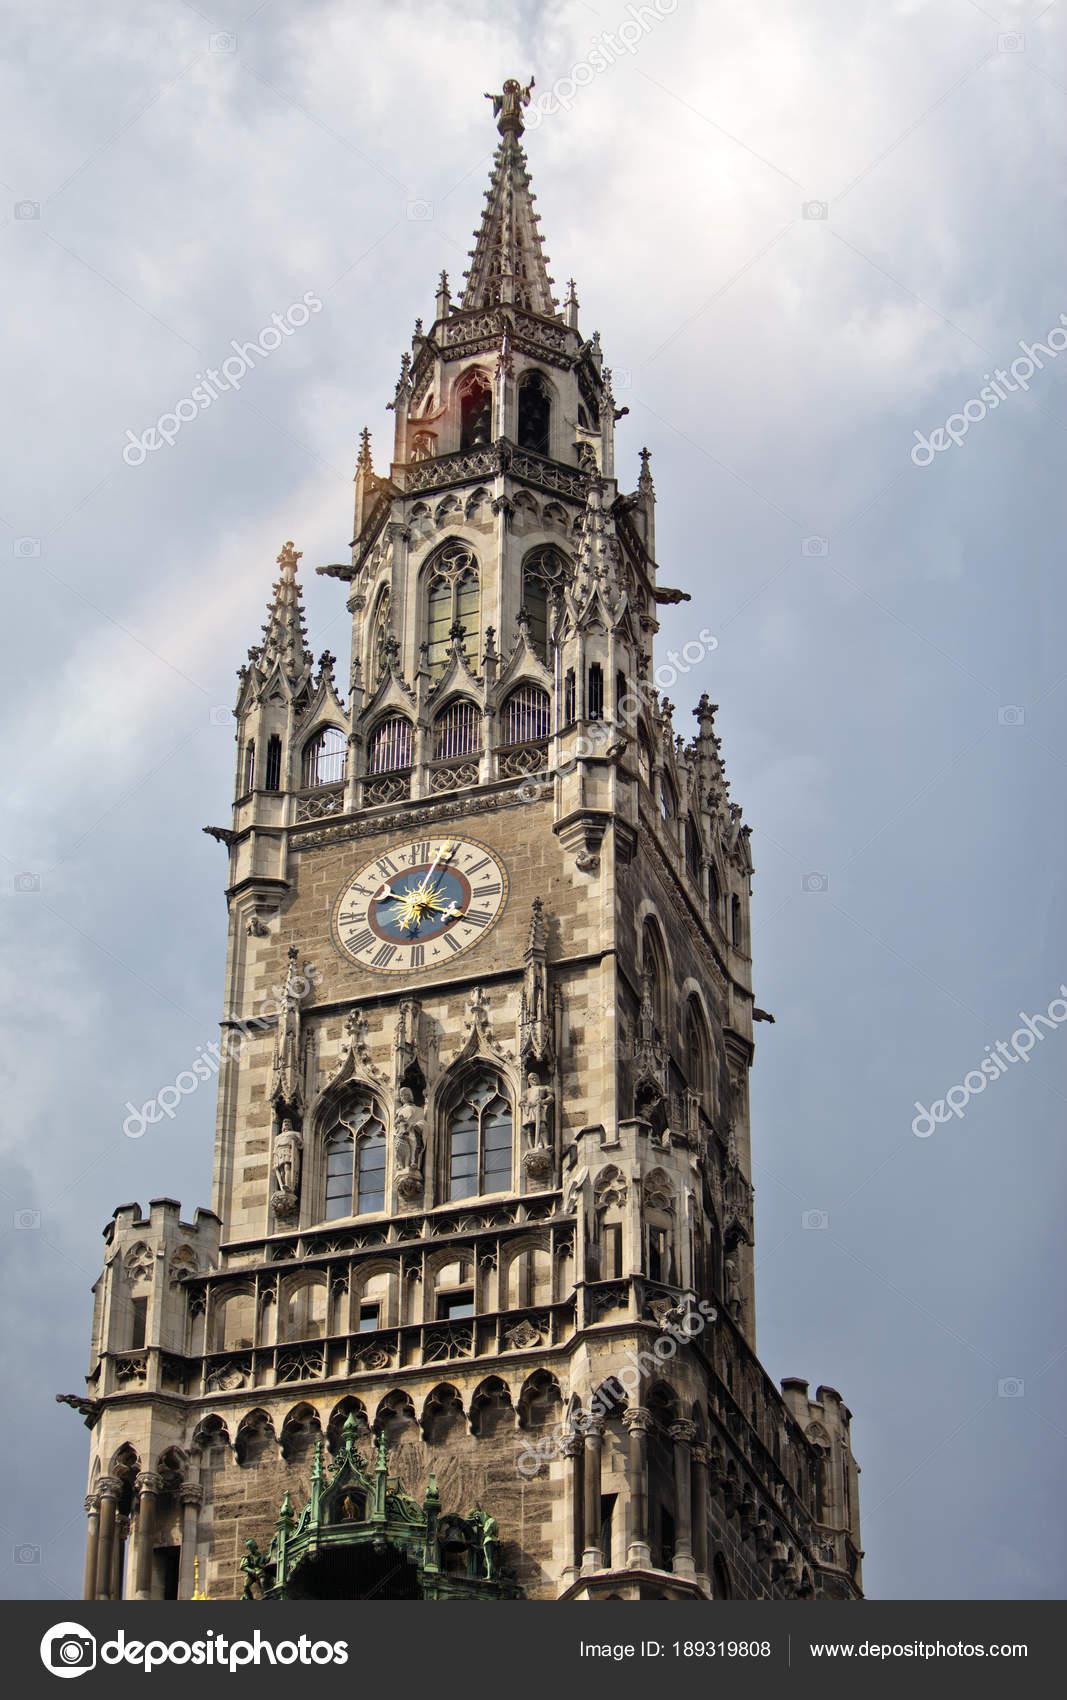 Reloj — Múnich Ayuntamiento Del De Fotos Marienplatz Alemania Torre zMqSpLUGV